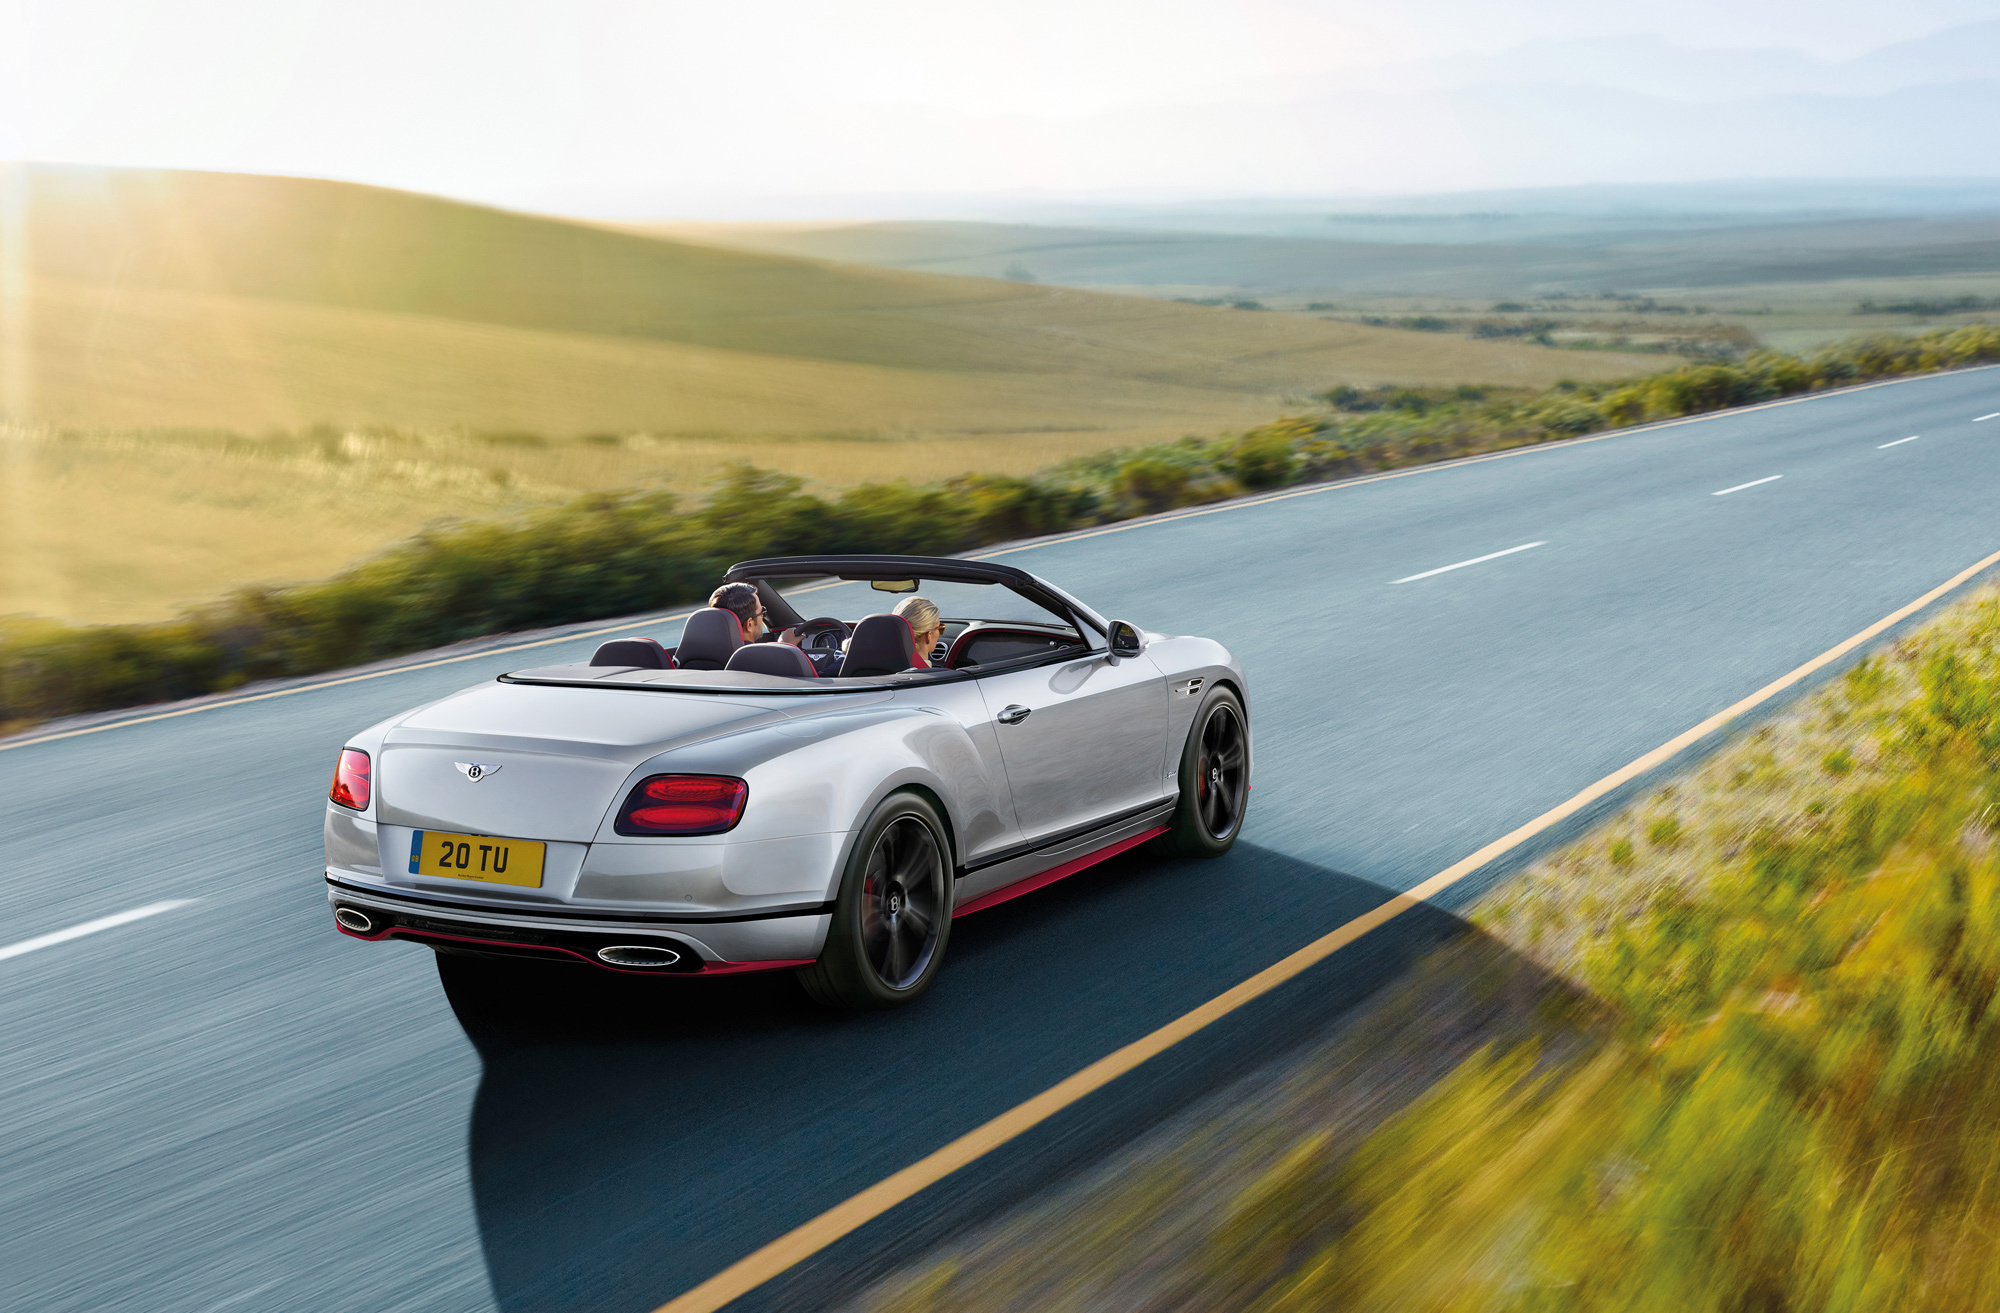 Bentley Continental GT Speed Wallpapers